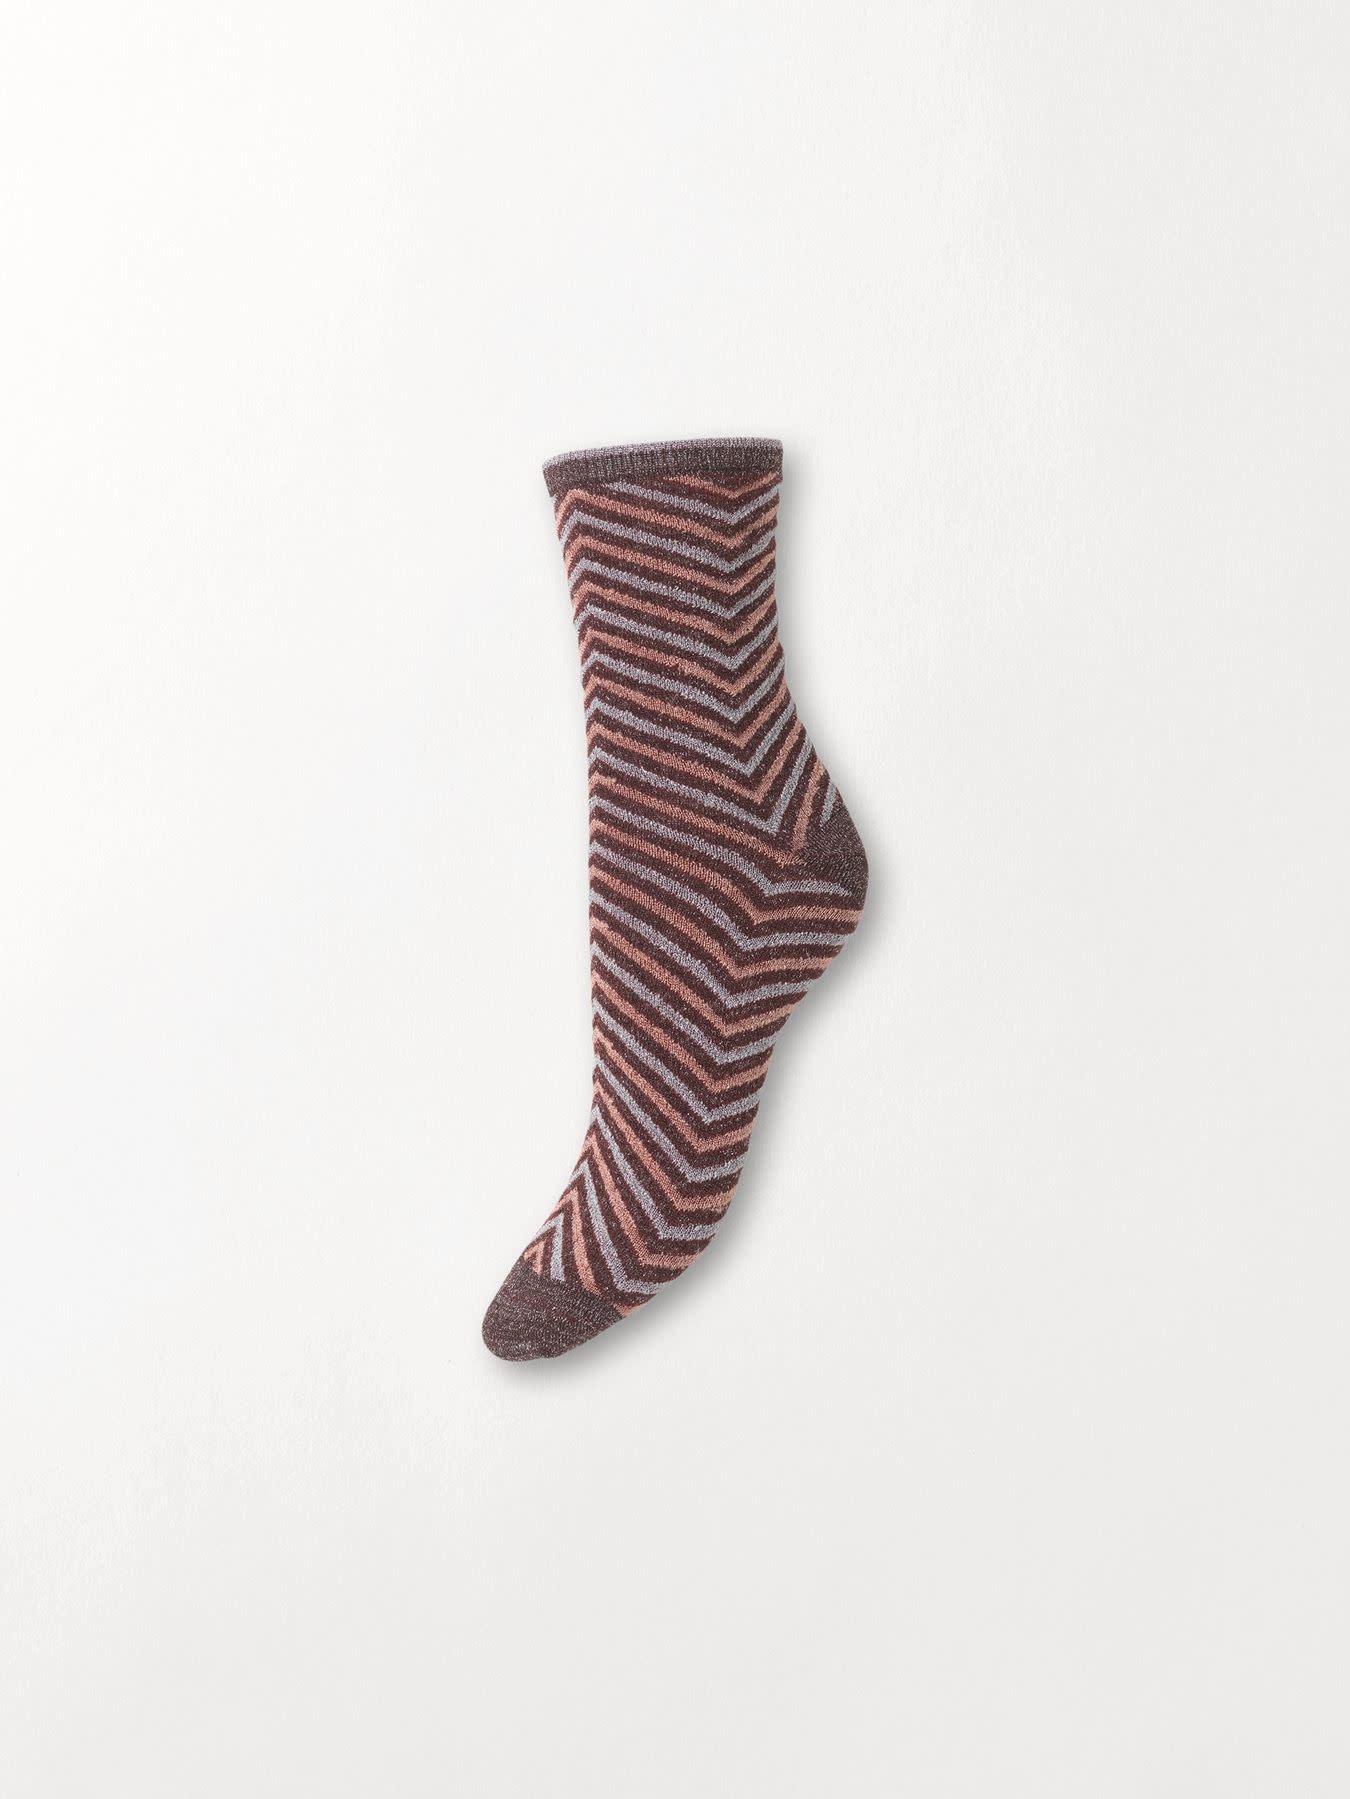 Beck Söndergaard Twisty Darya sock - Fudge 39/41